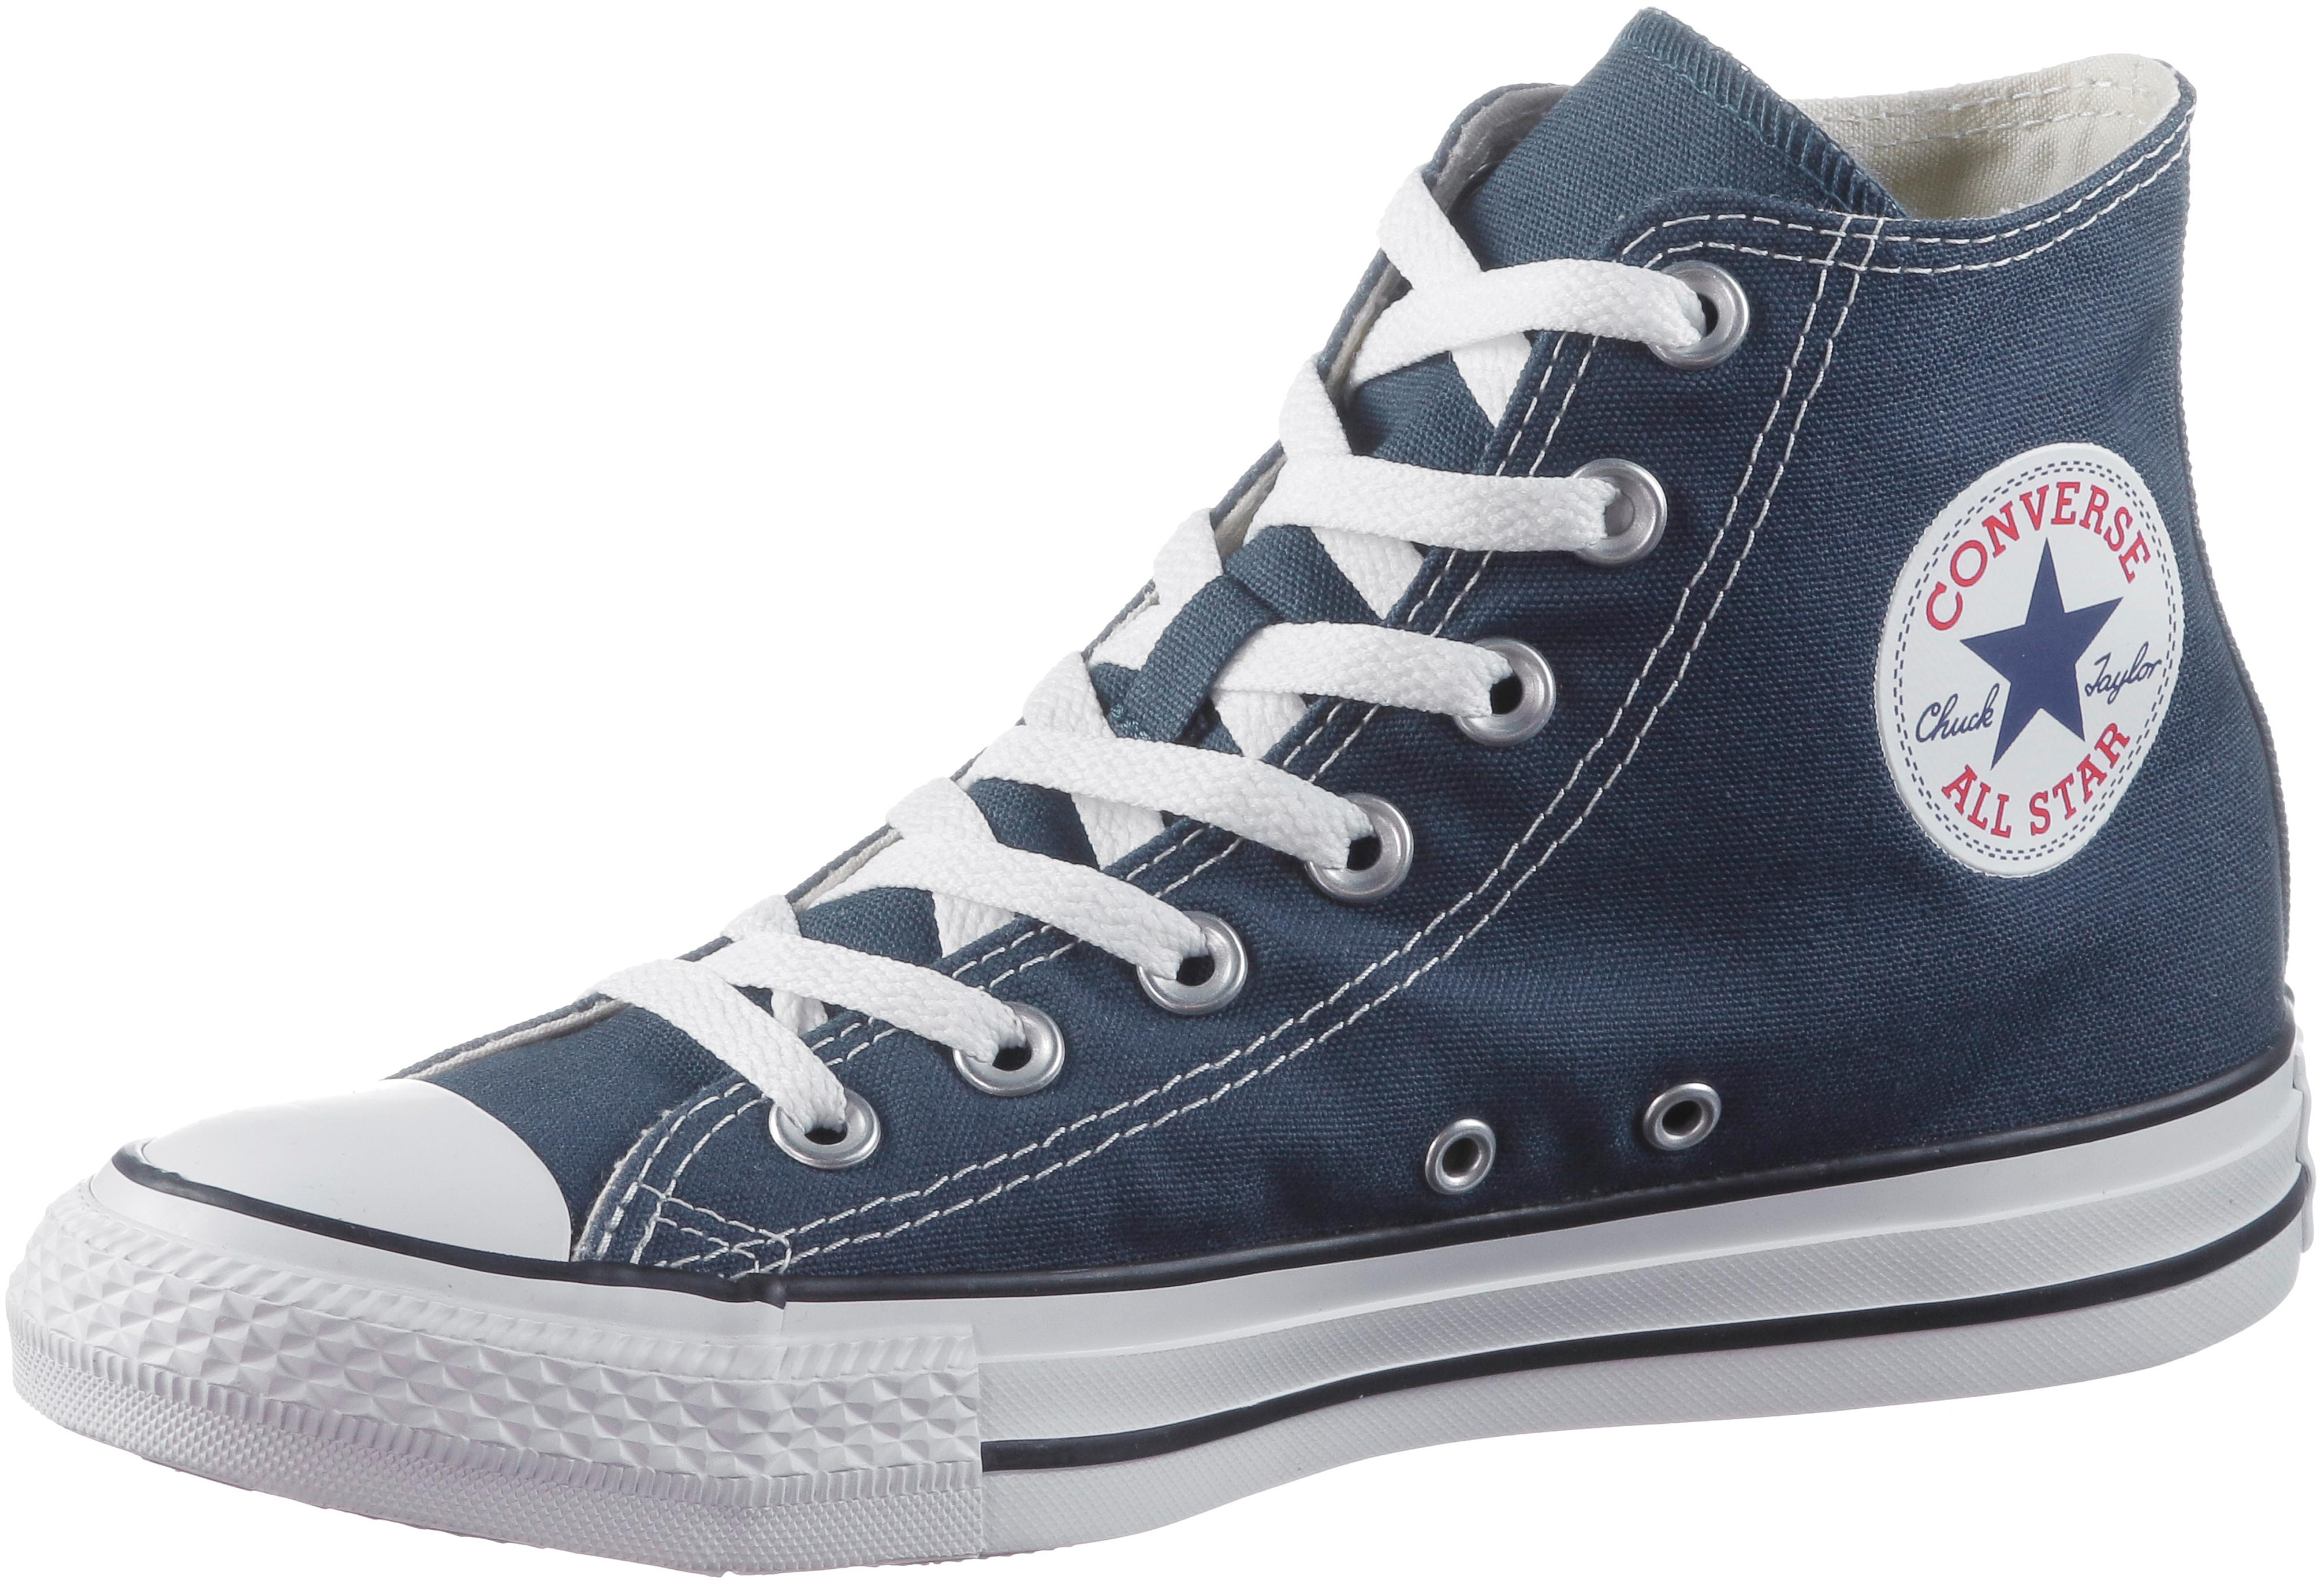 CONVERSE Chuck Taylor All Star High Sneaker Damen navy im Online Shop von  SportScheck kaufen